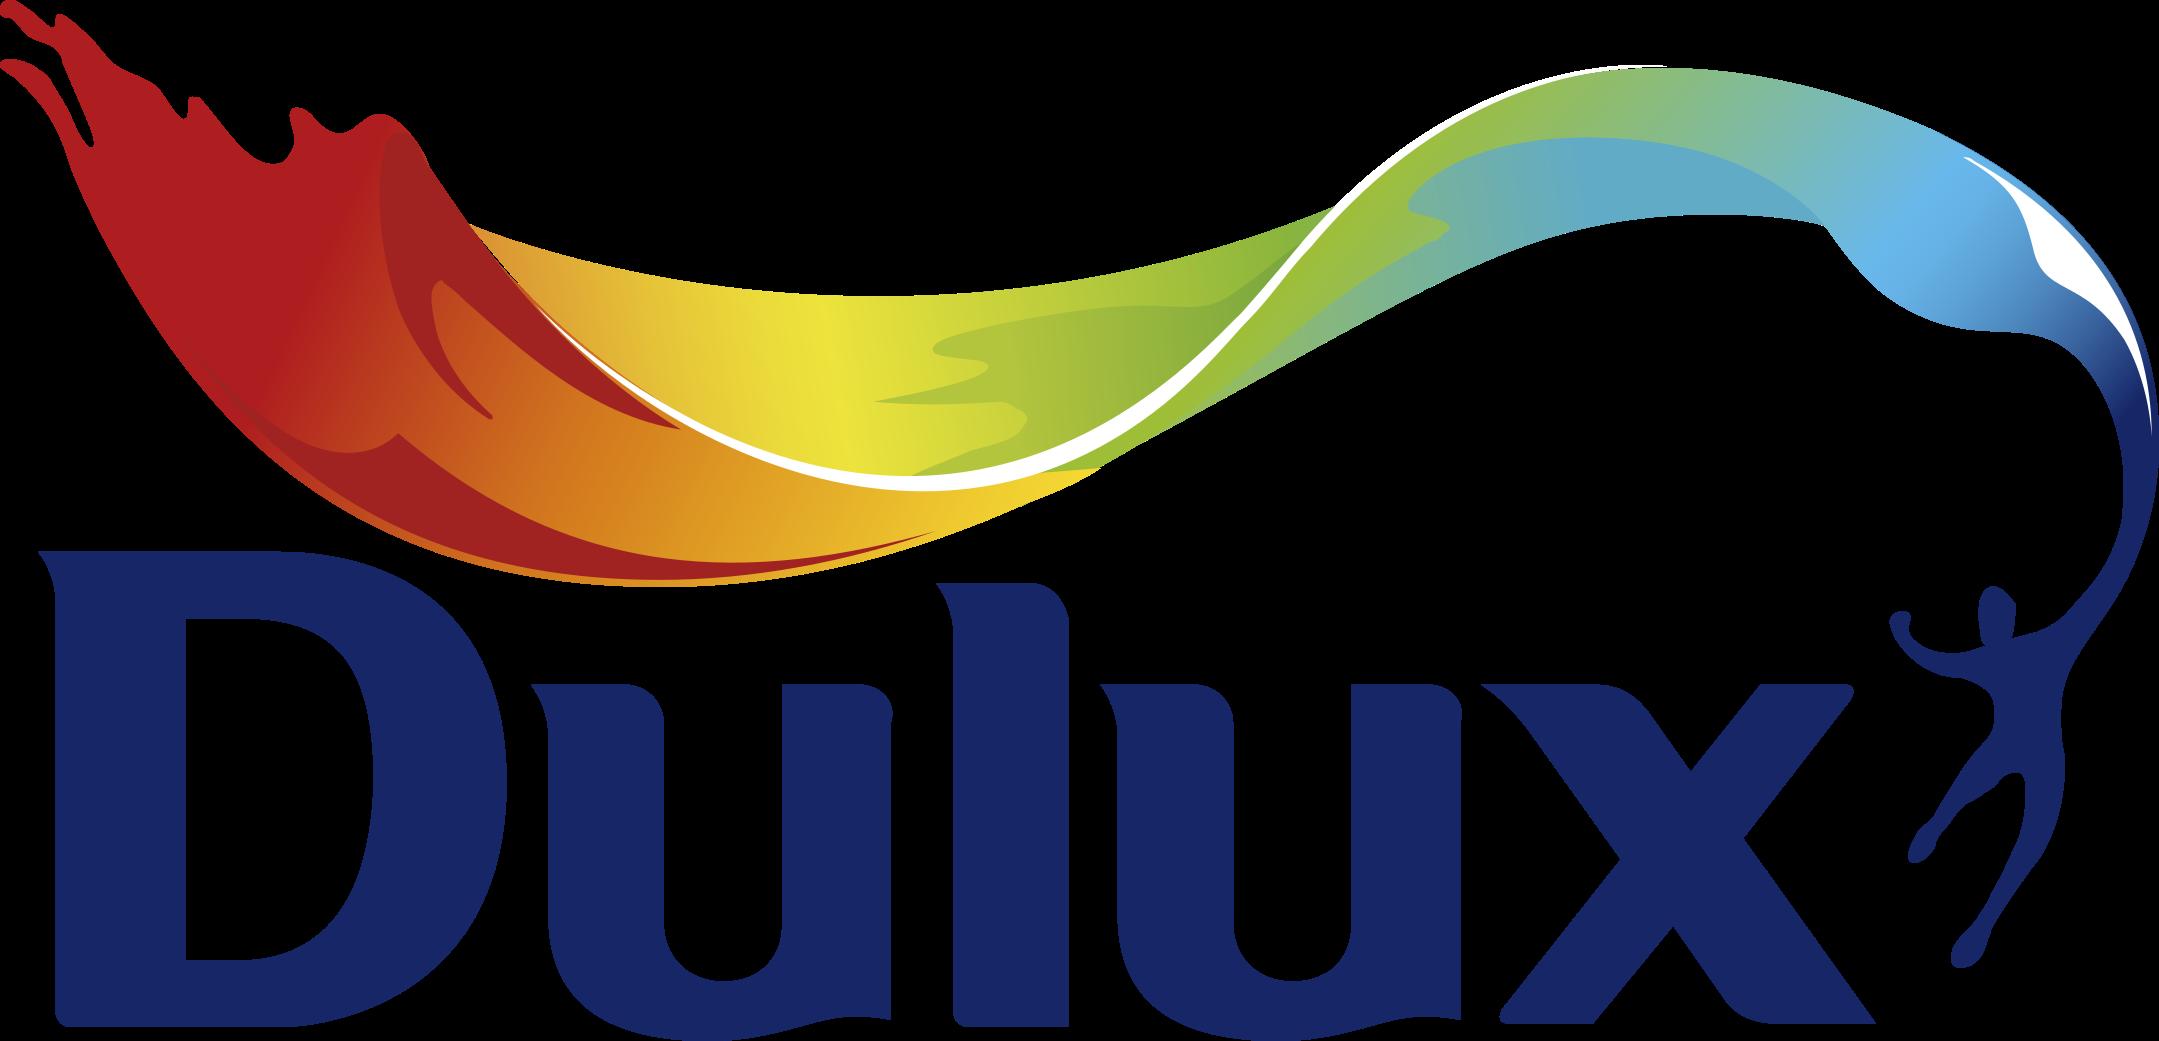 dulux logo 1 - Dulux Paints Logo